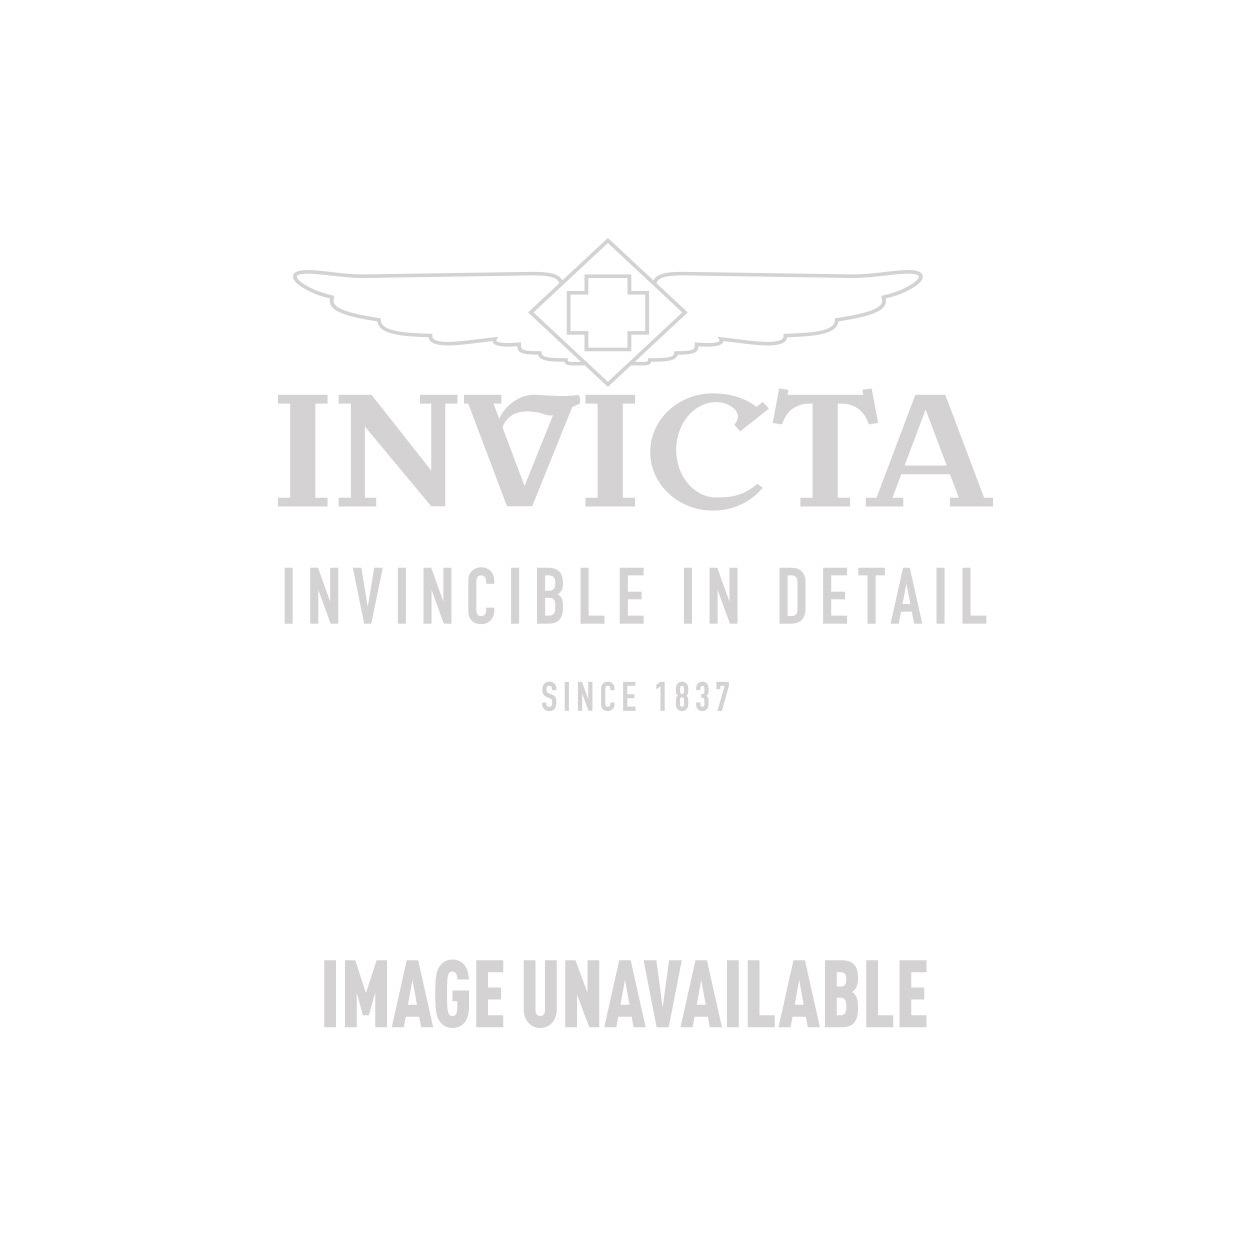 Invicta Model 26734